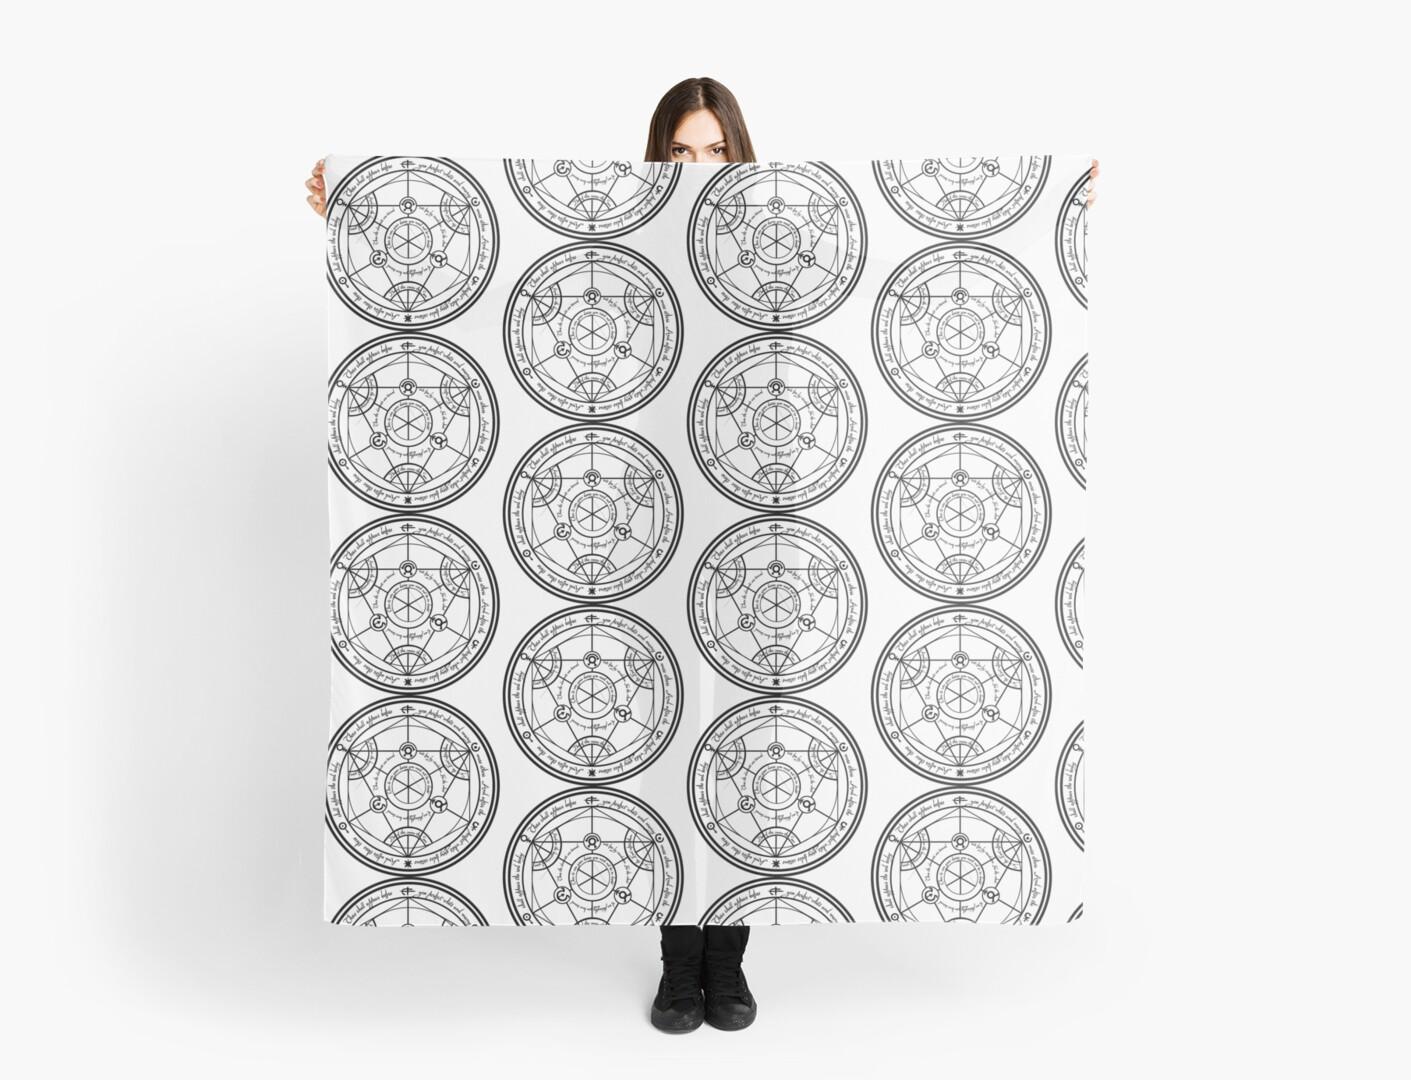 Fullmetal Alchemist Transmutation Circle Scarf By Drpropancakes